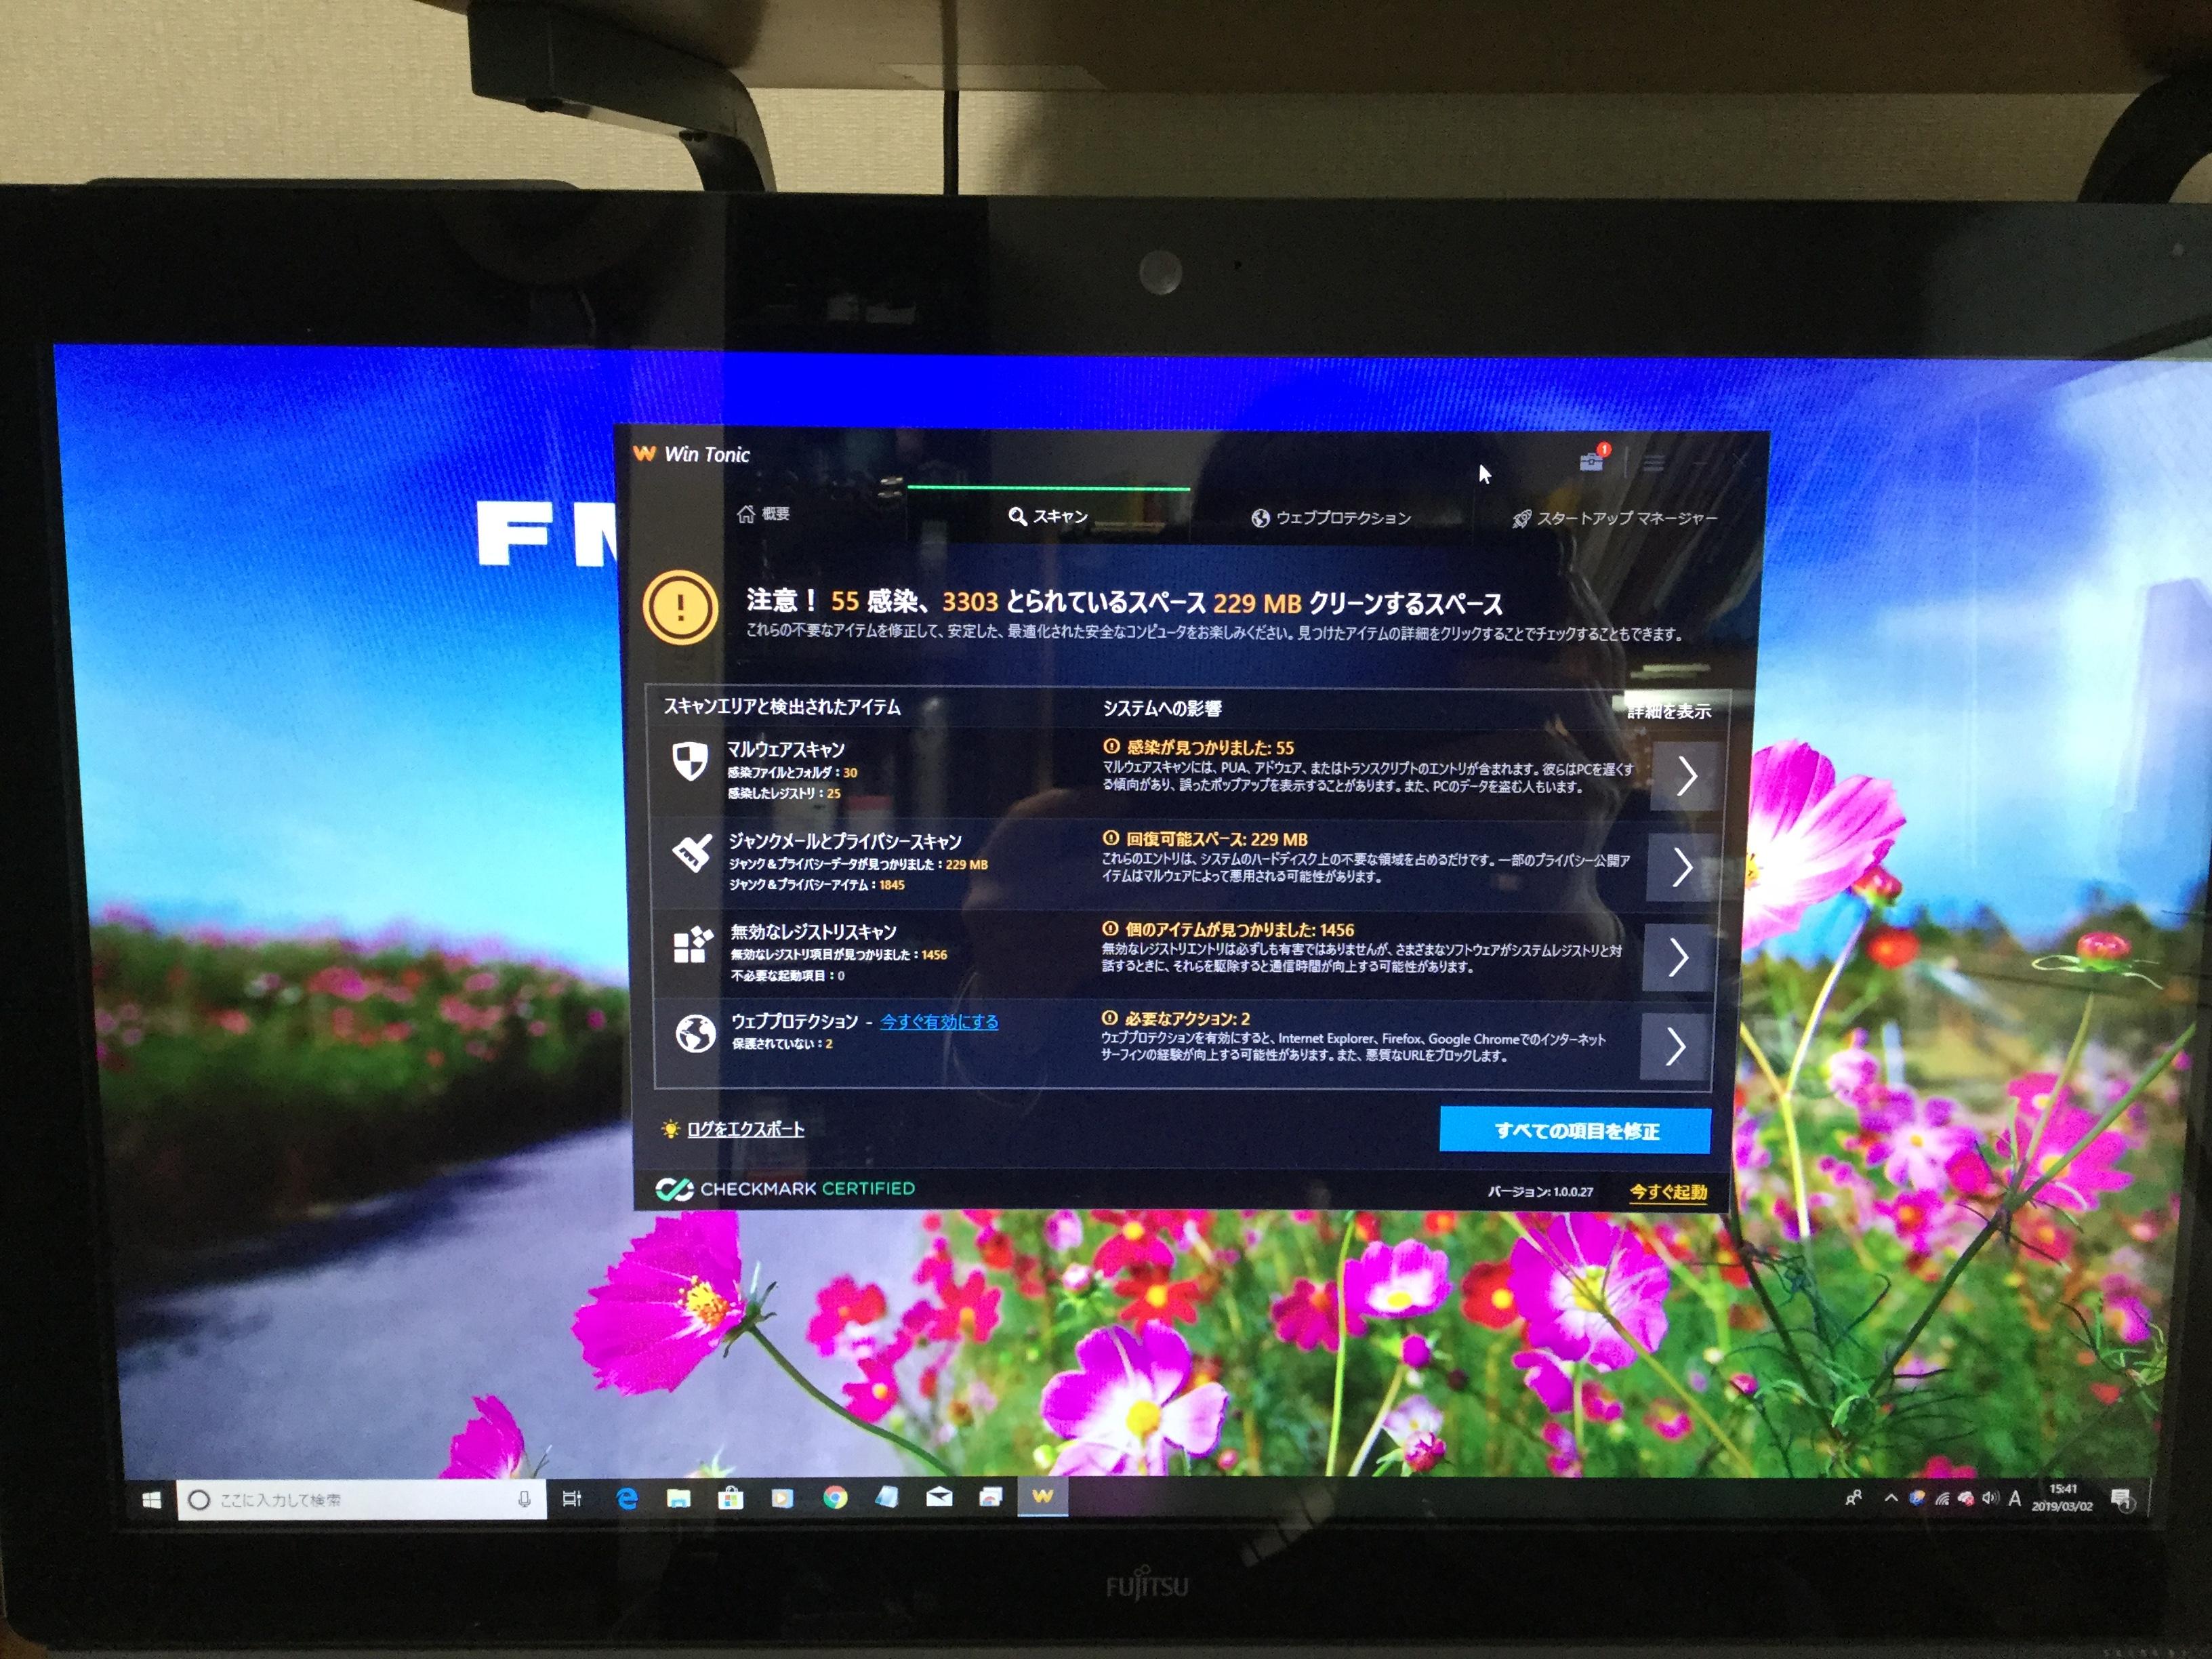 兵庫県三田市 デスクトップパソコンがウイルスに感染した/富士通 Windows 10のイメージ